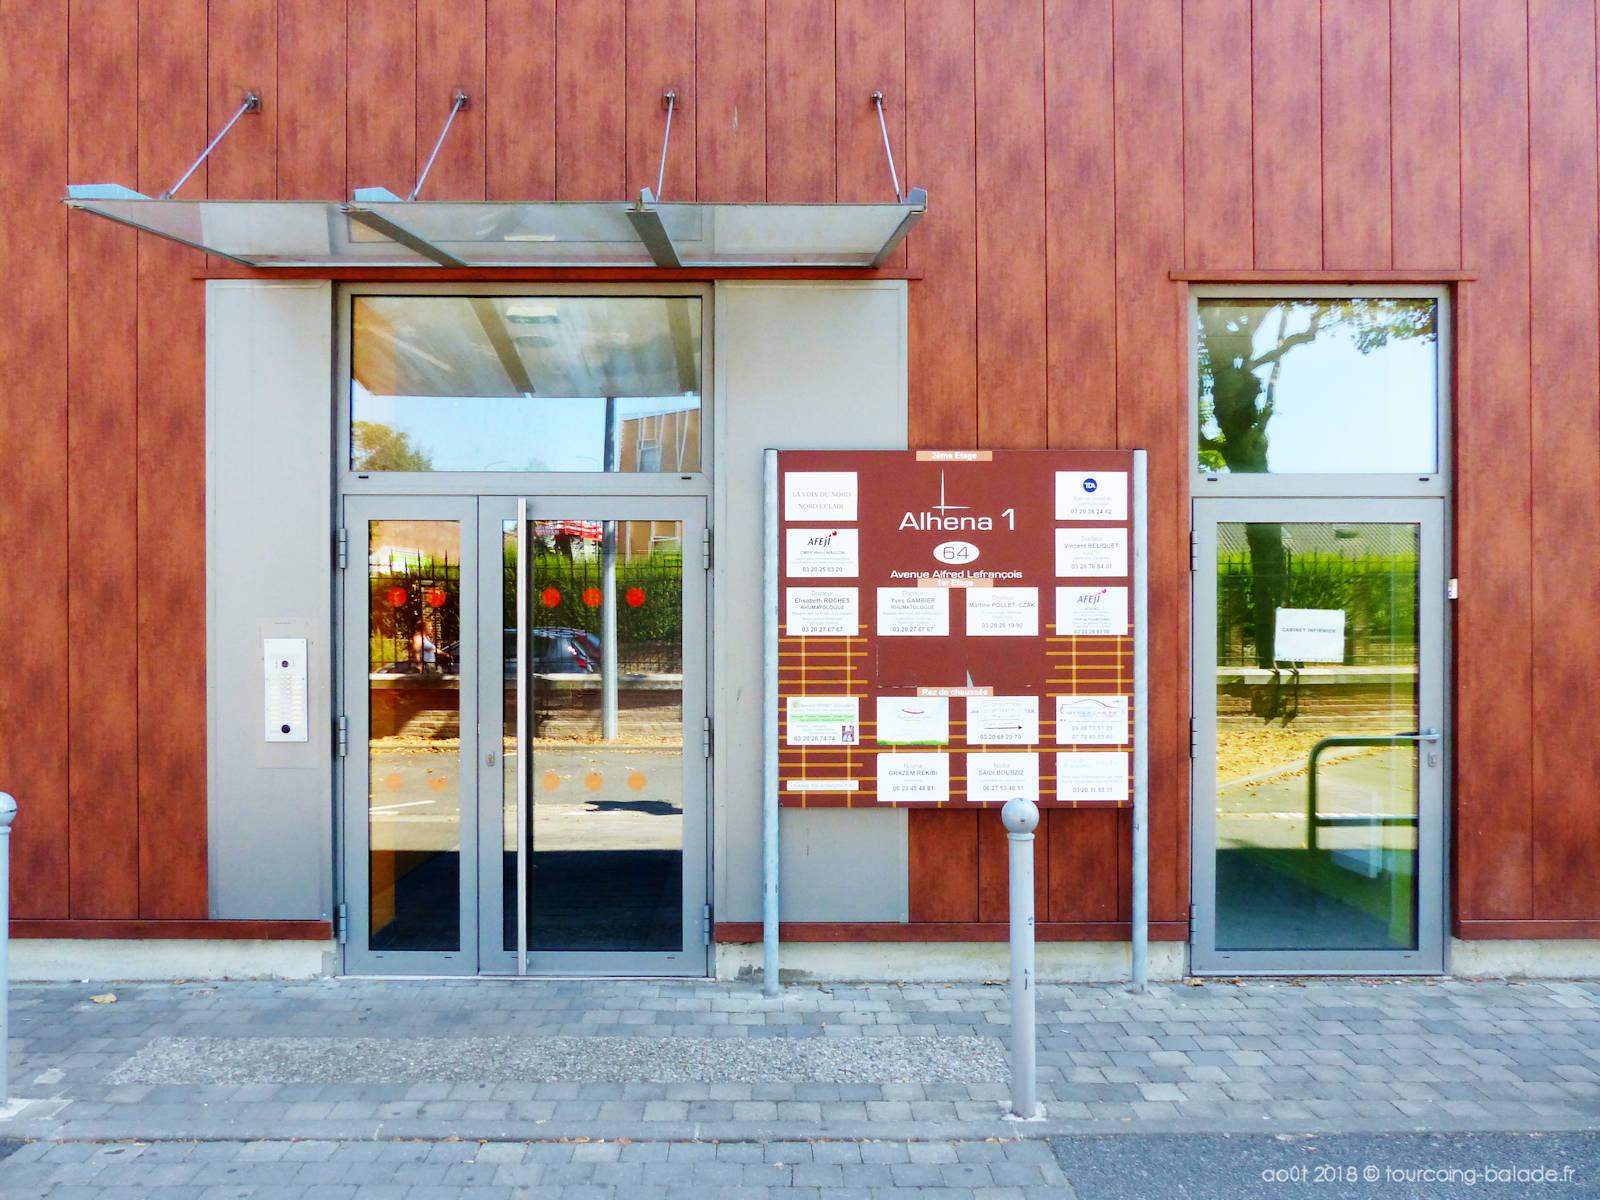 Alhena entrée 1 - Avenue Lefrançois, Tourcoing